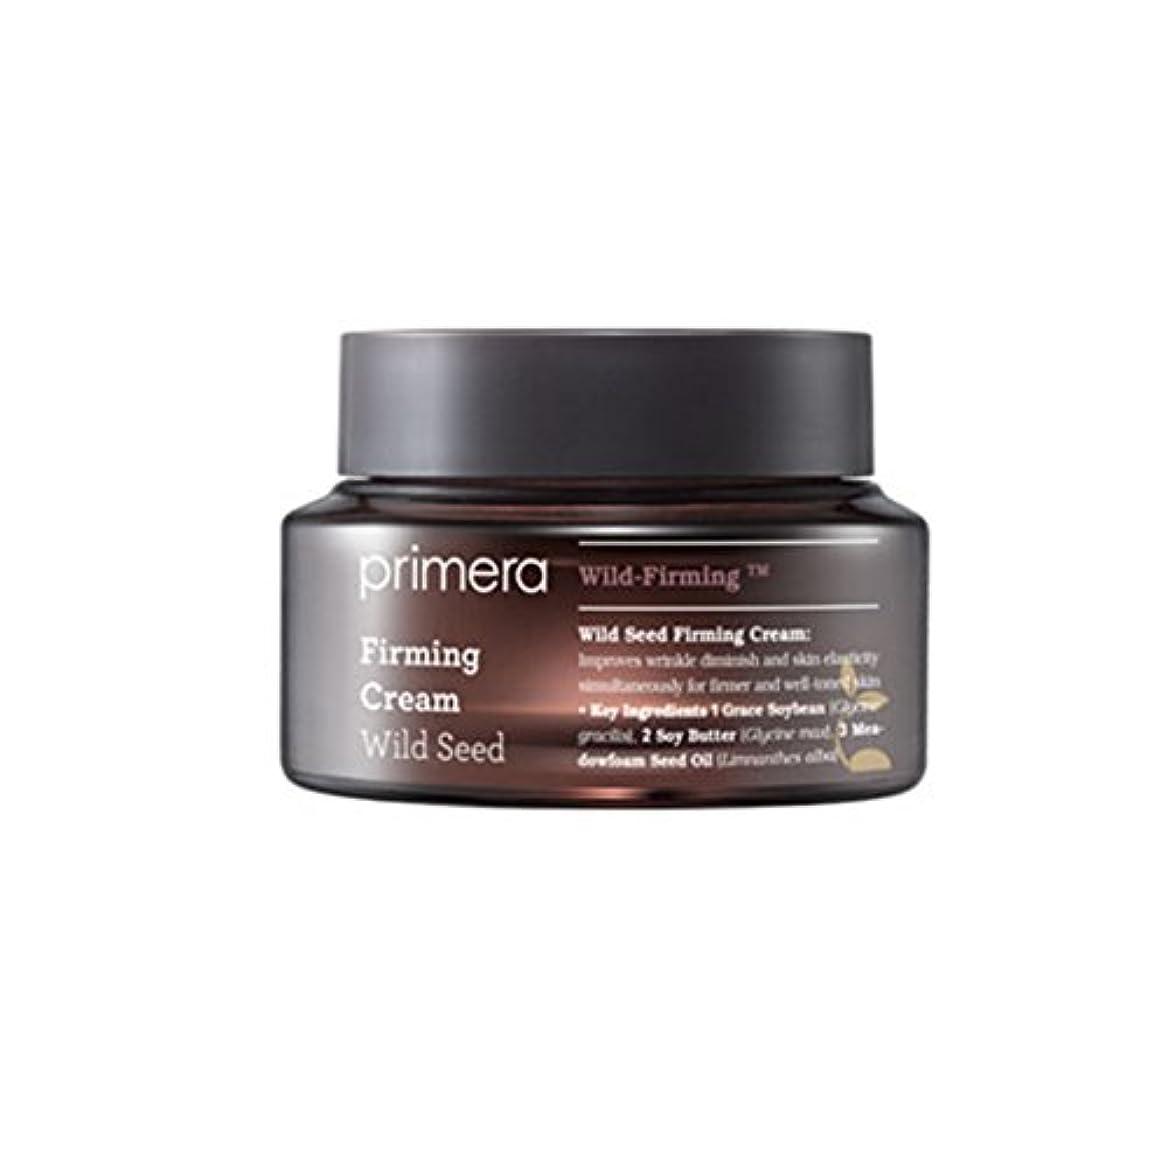 警告するかまど密接に(プリメーラ) PRIMERA ワイルドシードファーミング クリーム Wild Seed Firming Cream (韓国直発送) oopspanda